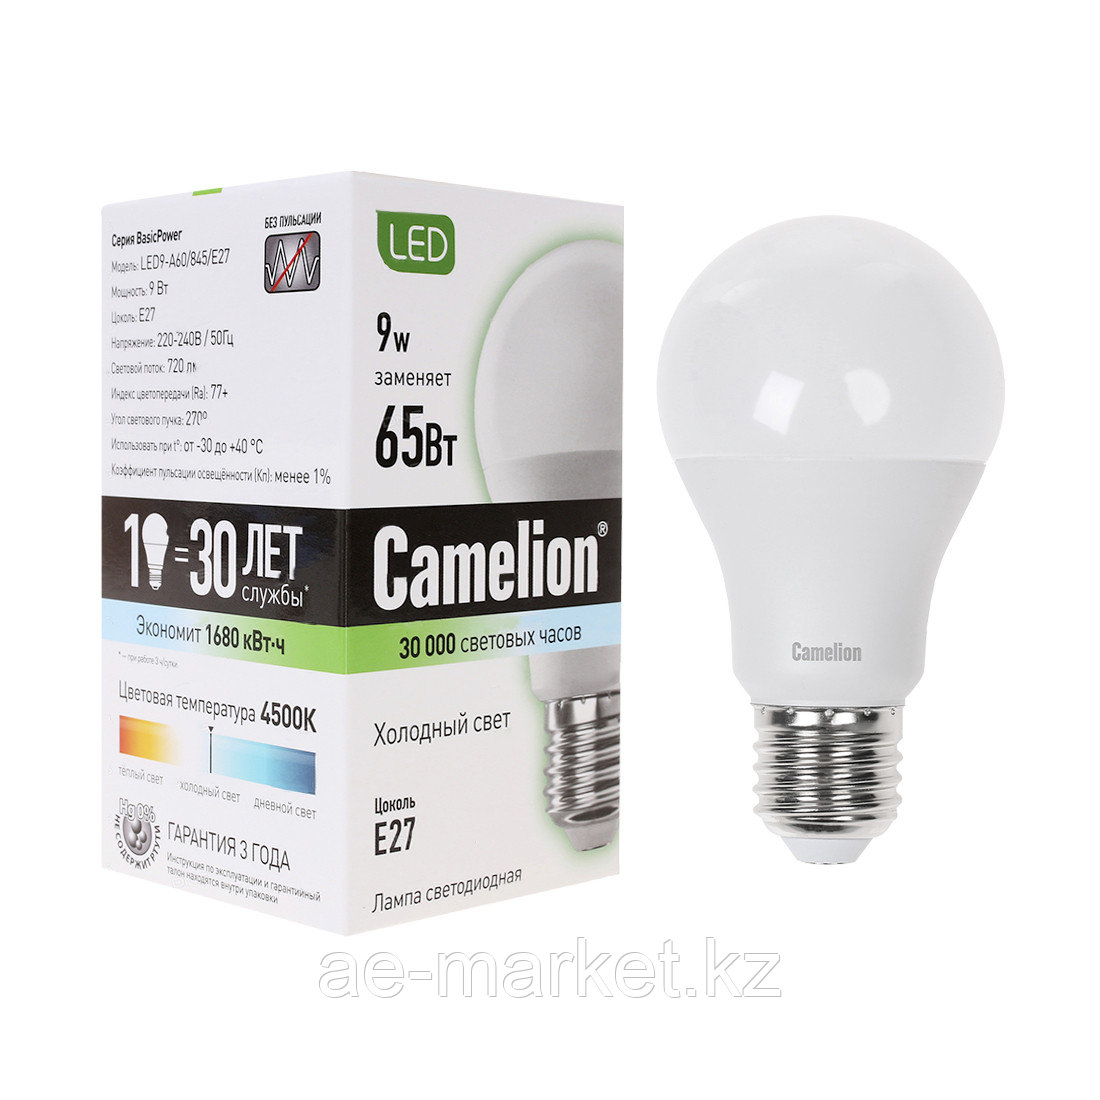 Эл. лампа светодиодная Camelion LED9-A60/845/E27, Холодный